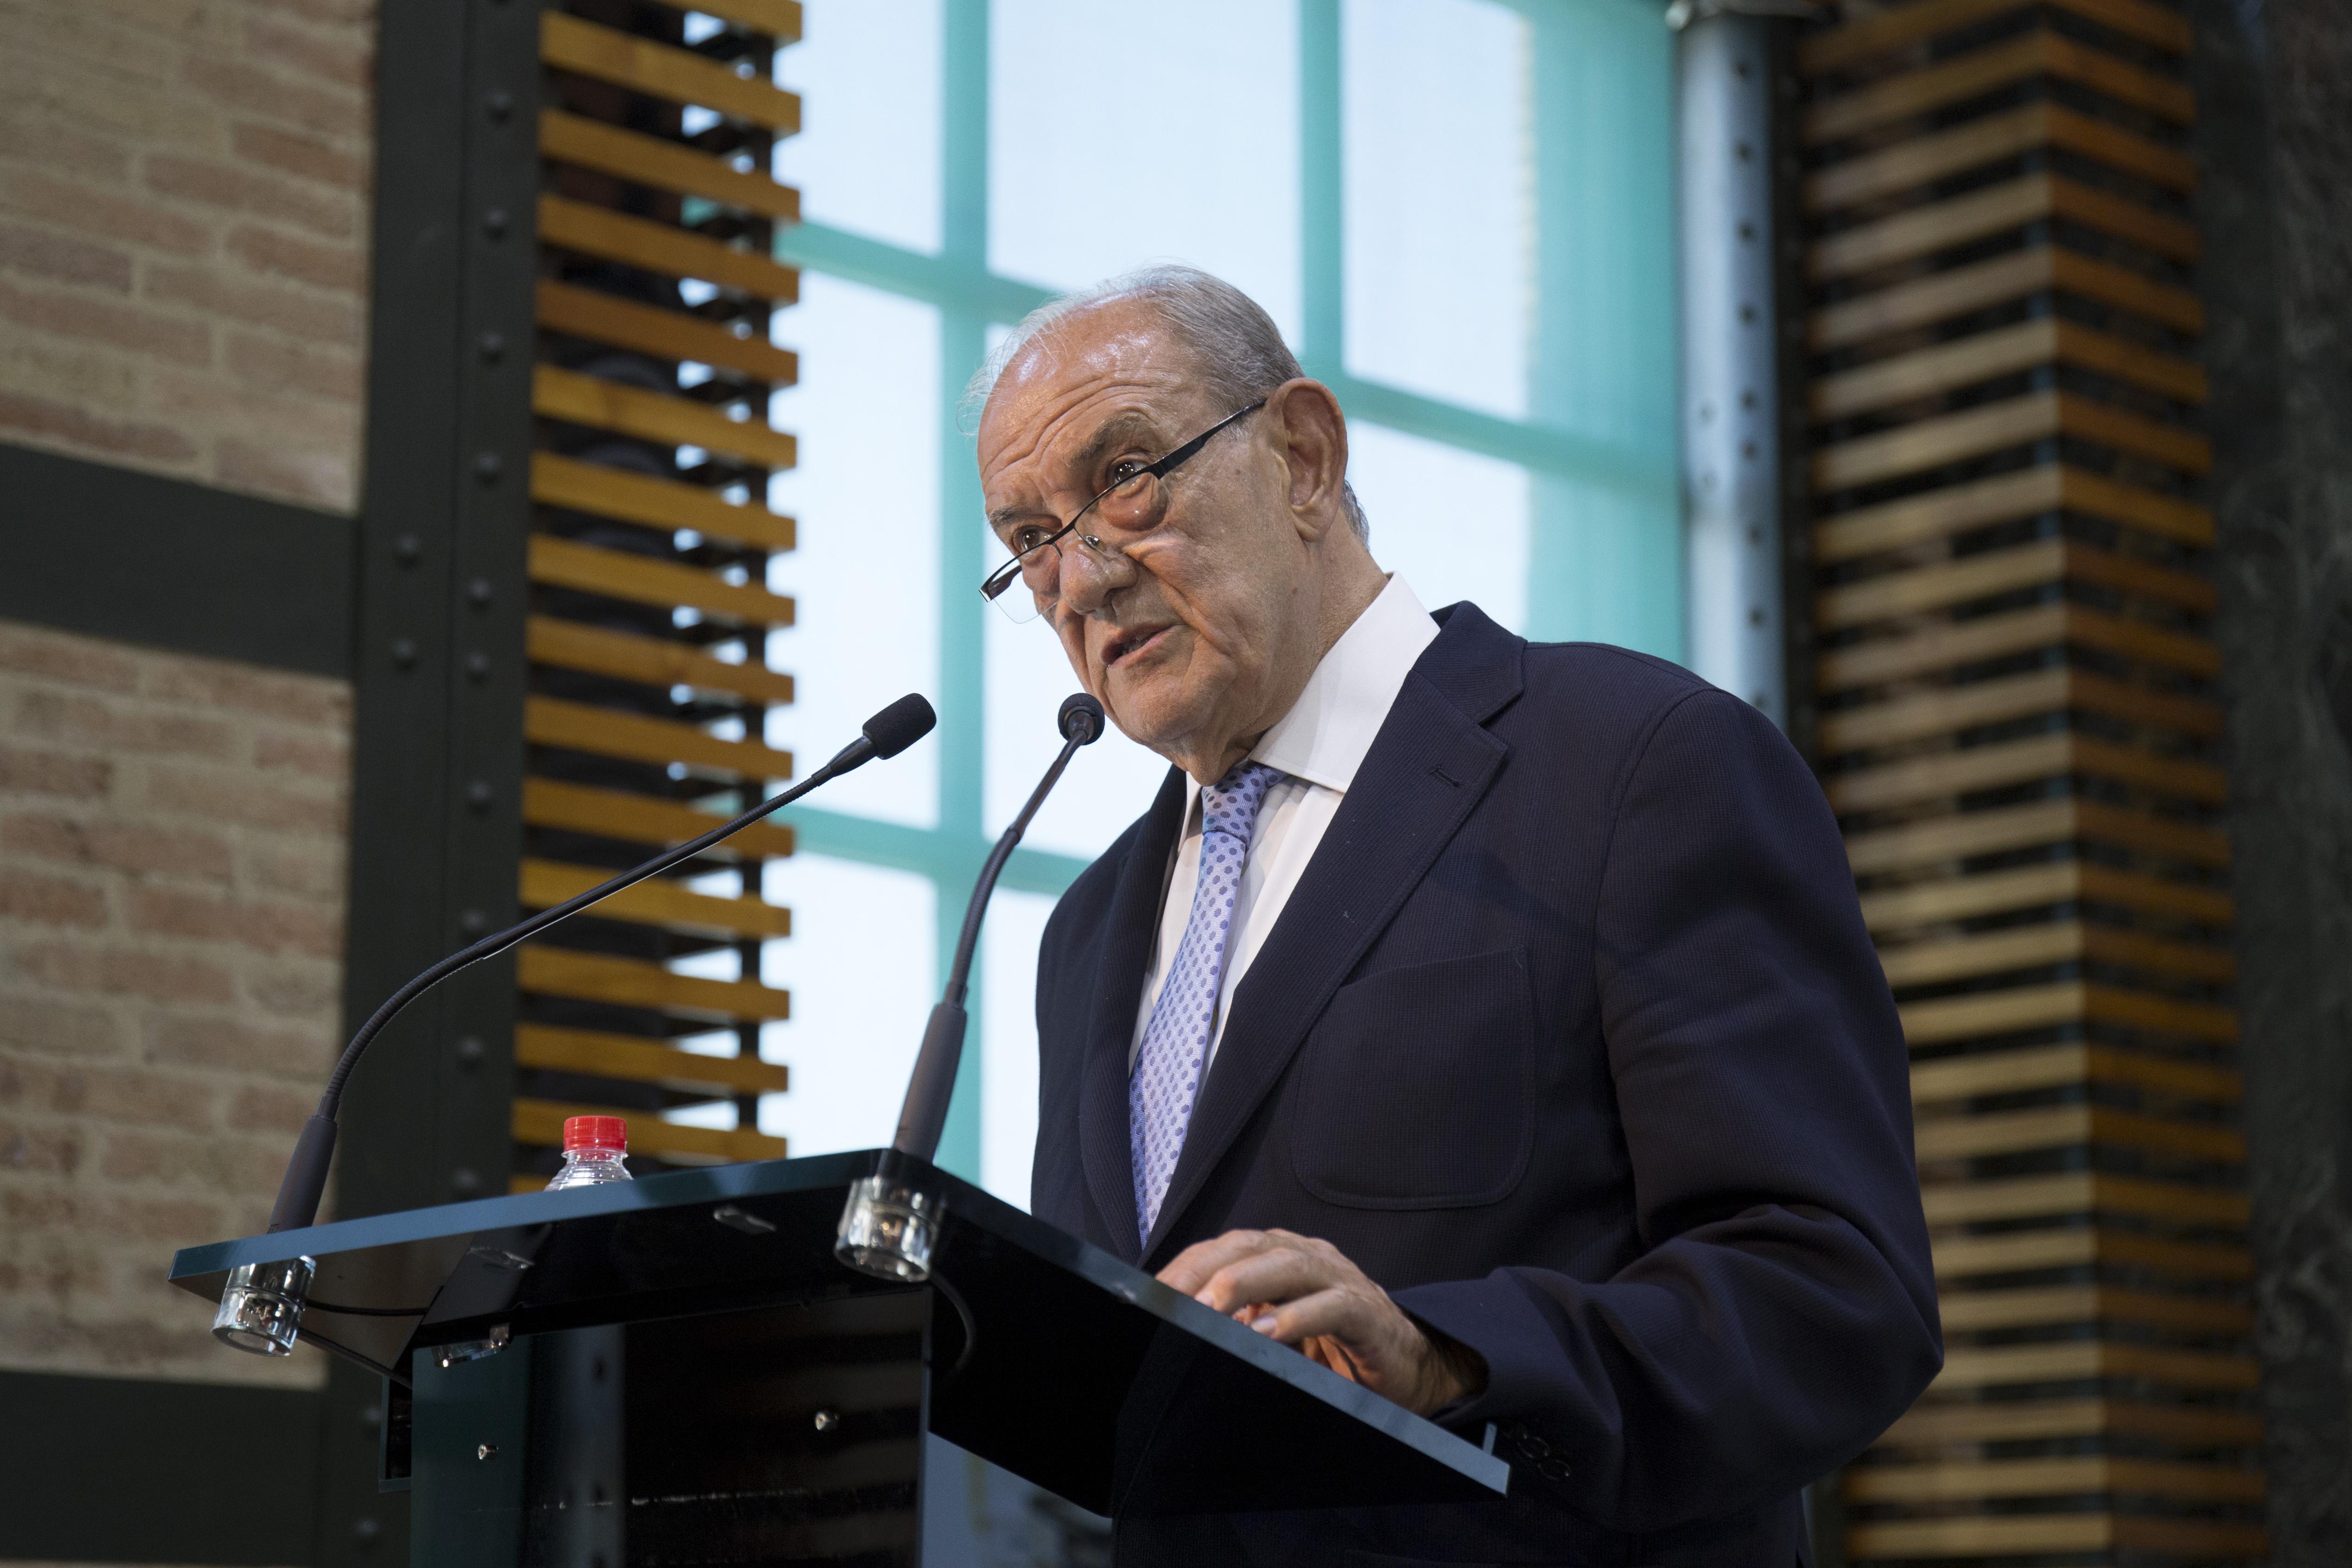 Rafael Herranz Crespo